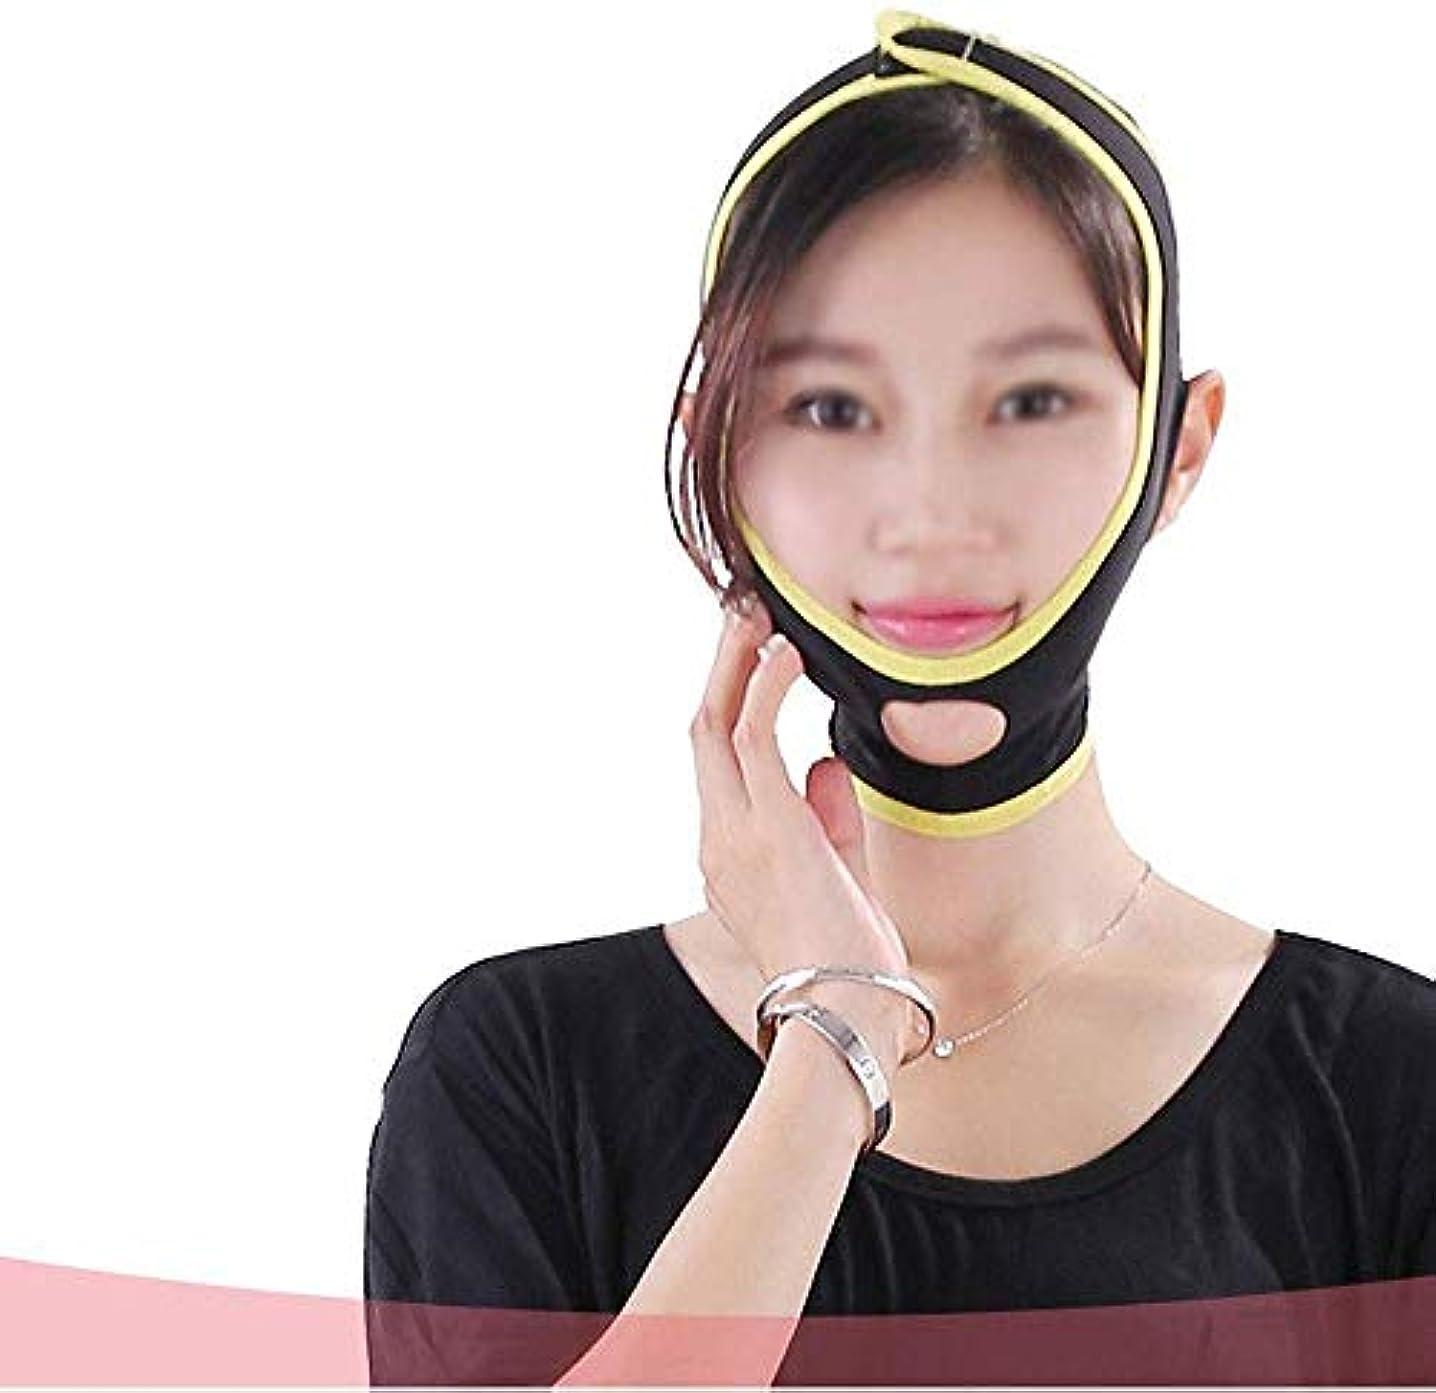 肯定的殺しますベッツィトロットウッドスリミングVフェイスマスク、薄型フェイスバンデージ、通気性睡眠スモールVフェイスマスクリフト引き締め肌アーティファクトダブルチン顔の減量包帯(サイズ:M)